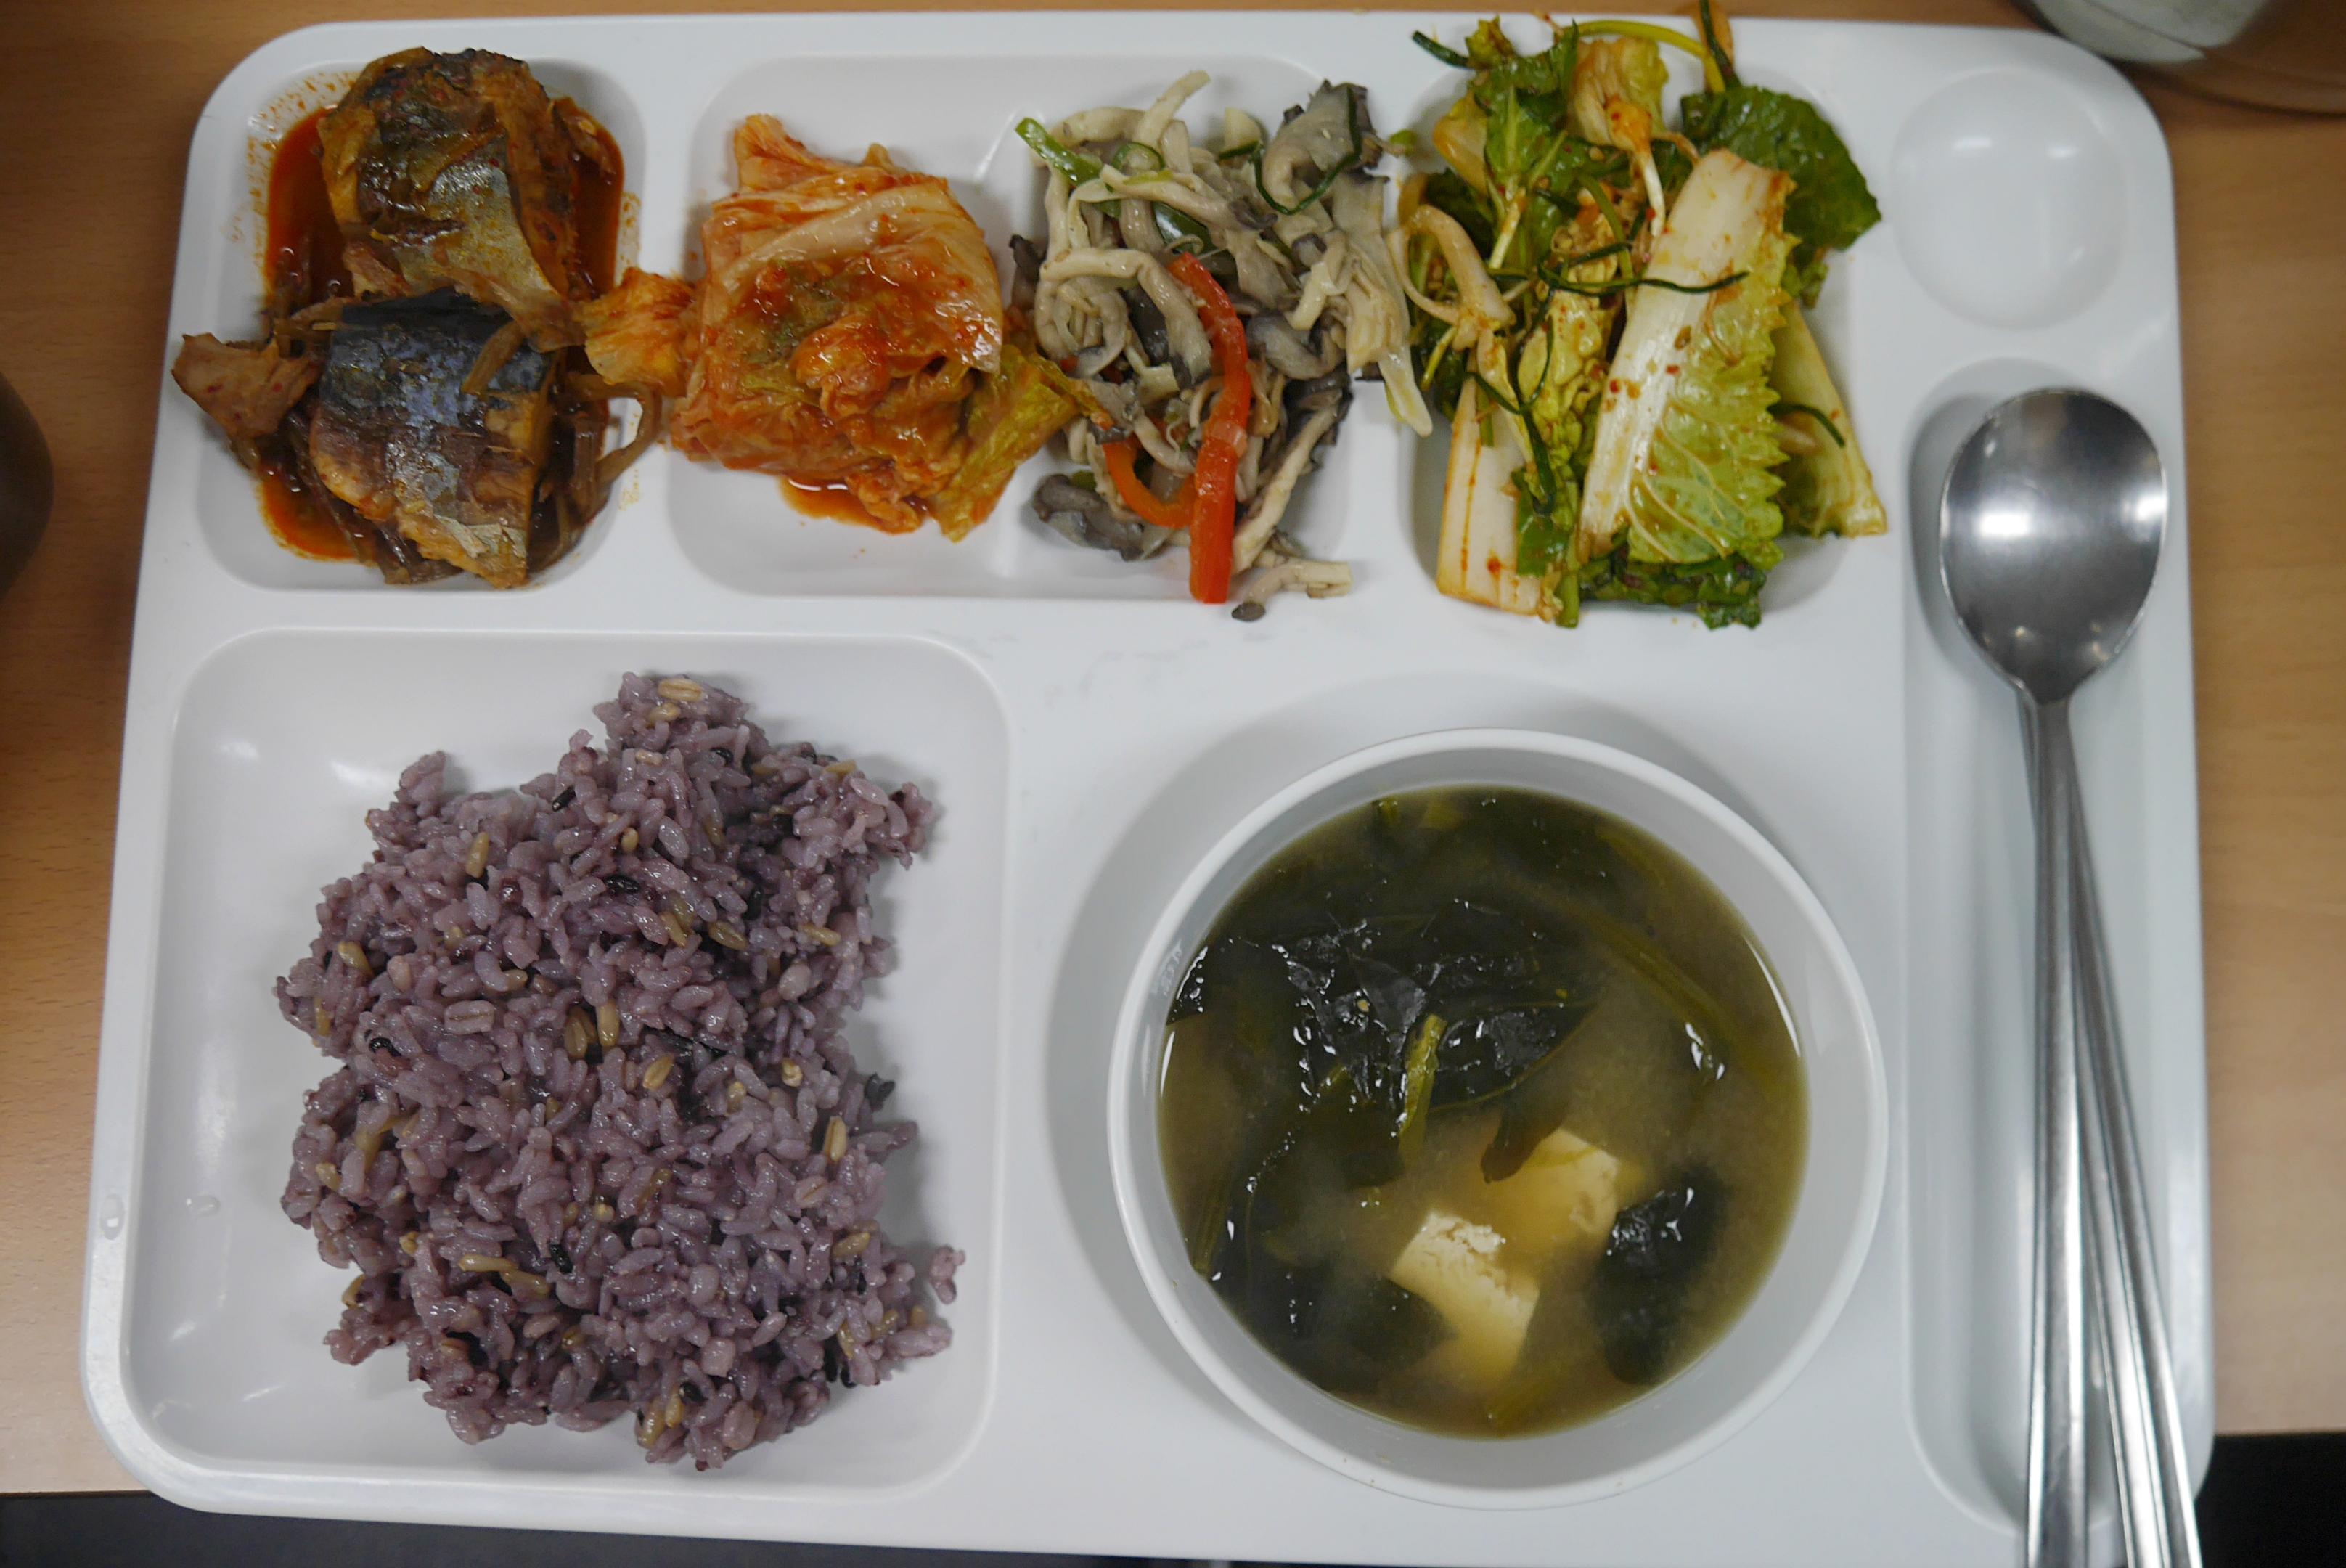 주야간보호센터 3월 점심식사 사진입니다.